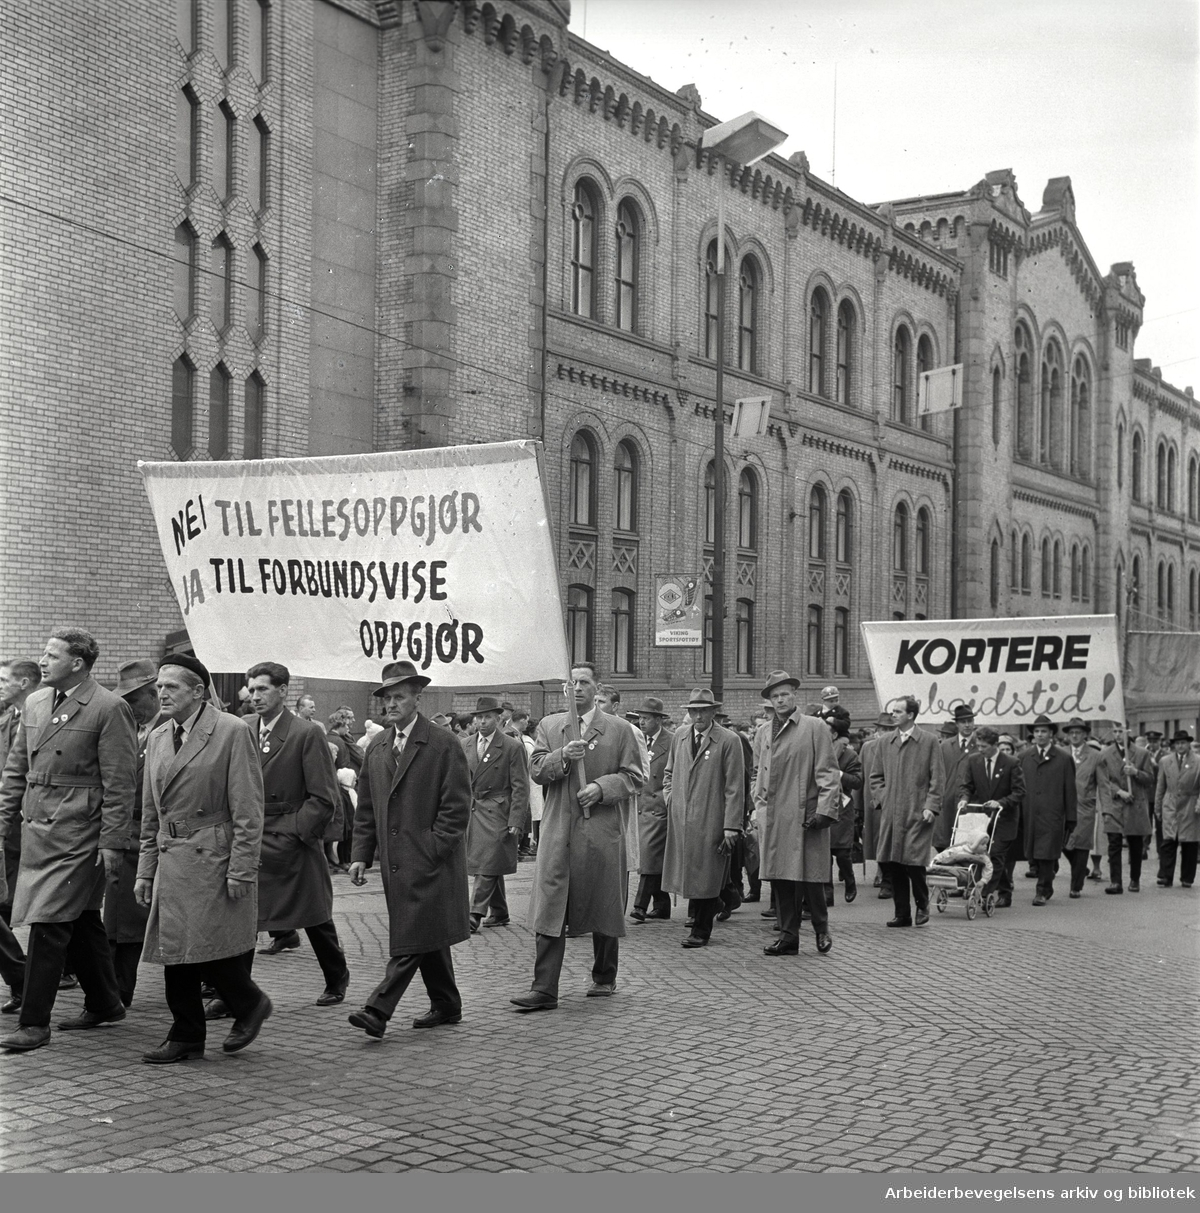 1. mai 1963 i Oslo.Demonstrasjonstog arrangert av Komiteen for faglig enhet med støtte av Sosialistisk Folkeparti (SF) og Norges Kommunistiske Parti (NKP).Parole: Nei til fellesoppgjør. Ja til forbundsvise oppgjør.